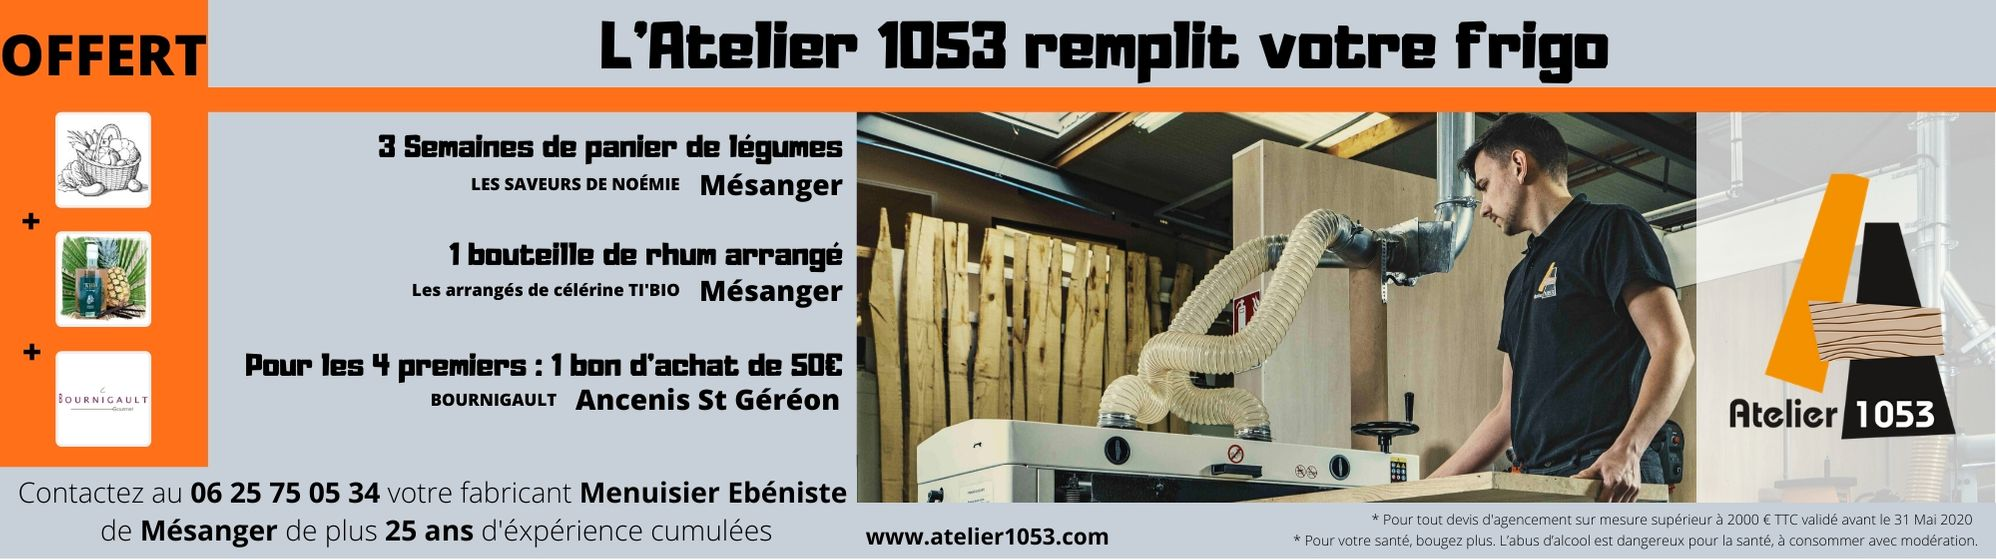 votre cuisiniste rempliT votre frigo - L'Atelier 1053